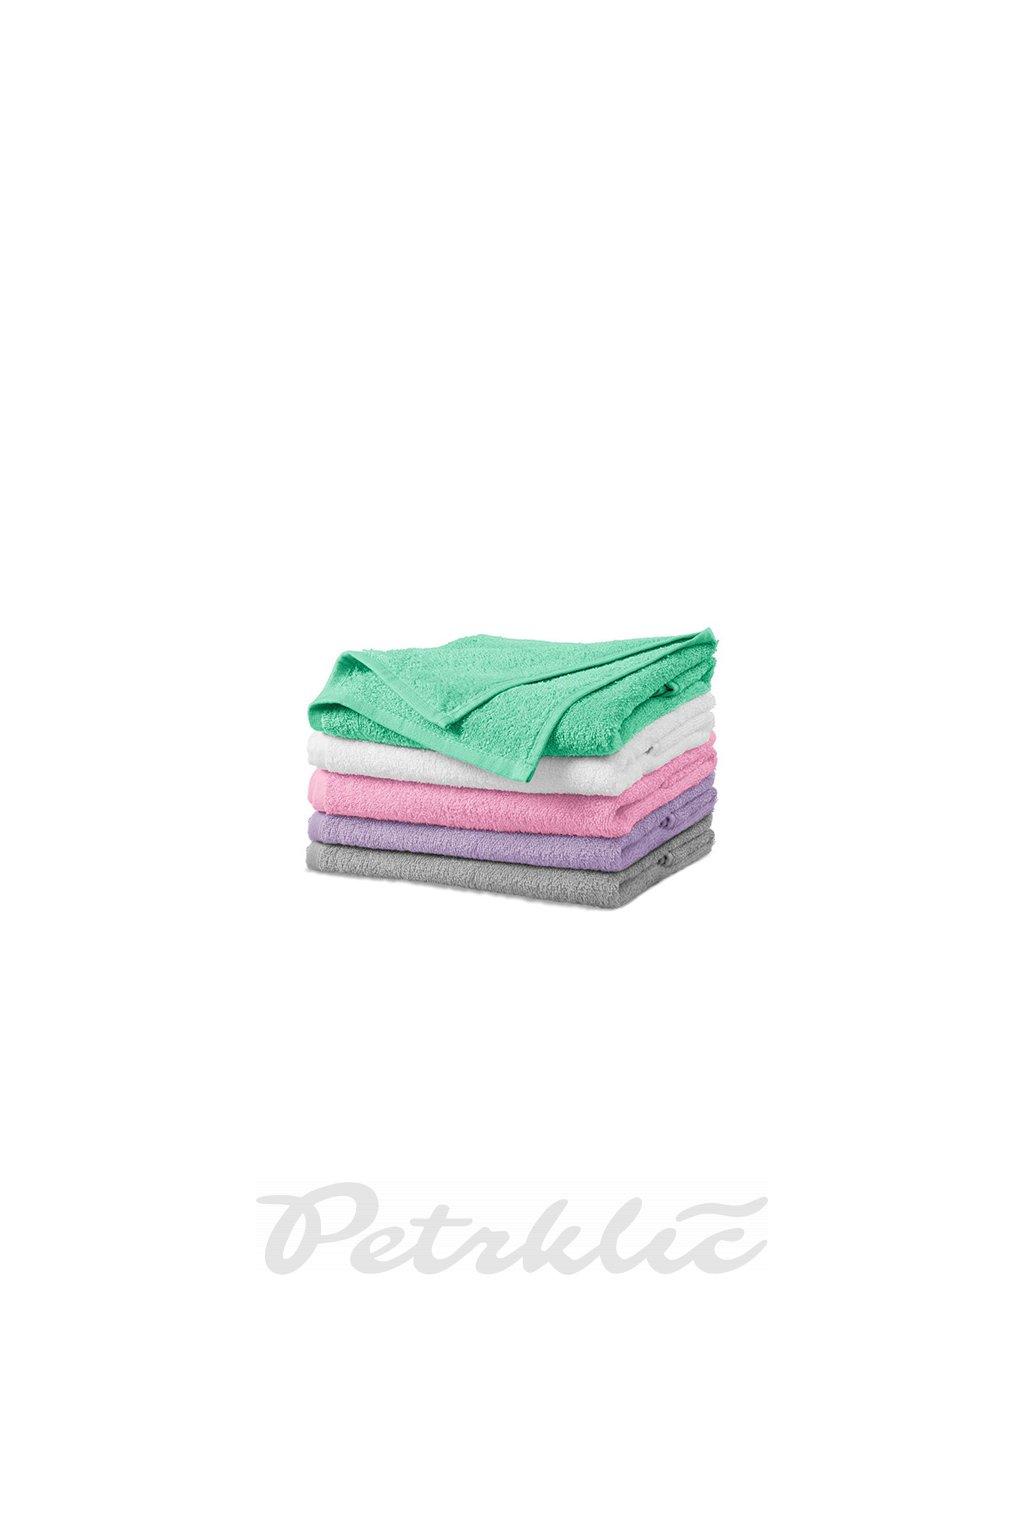 Froté malý ručník 350 g/m² 30 x 50 cm - TERRY TOWEL 907